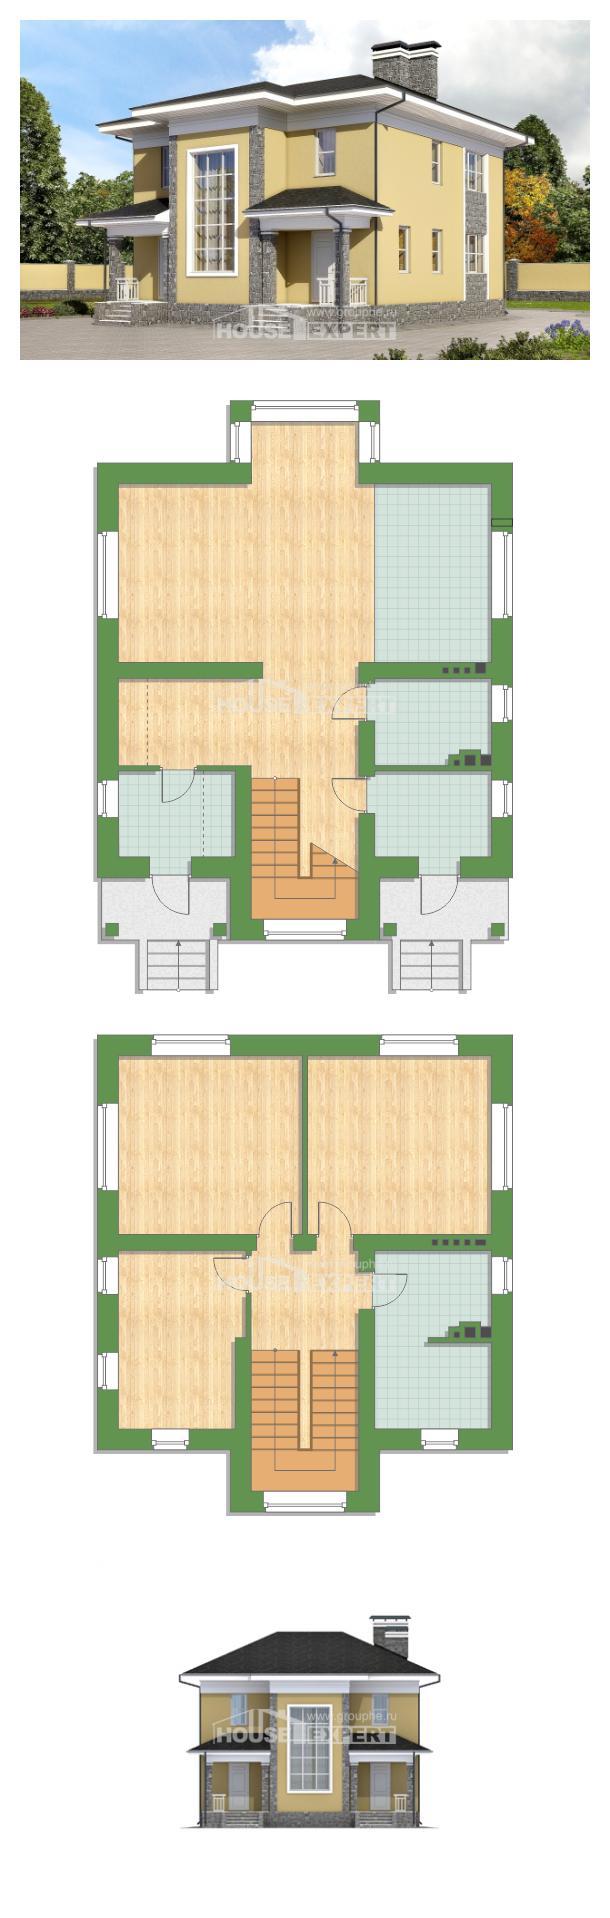 Plan 155-011-L | House Expert